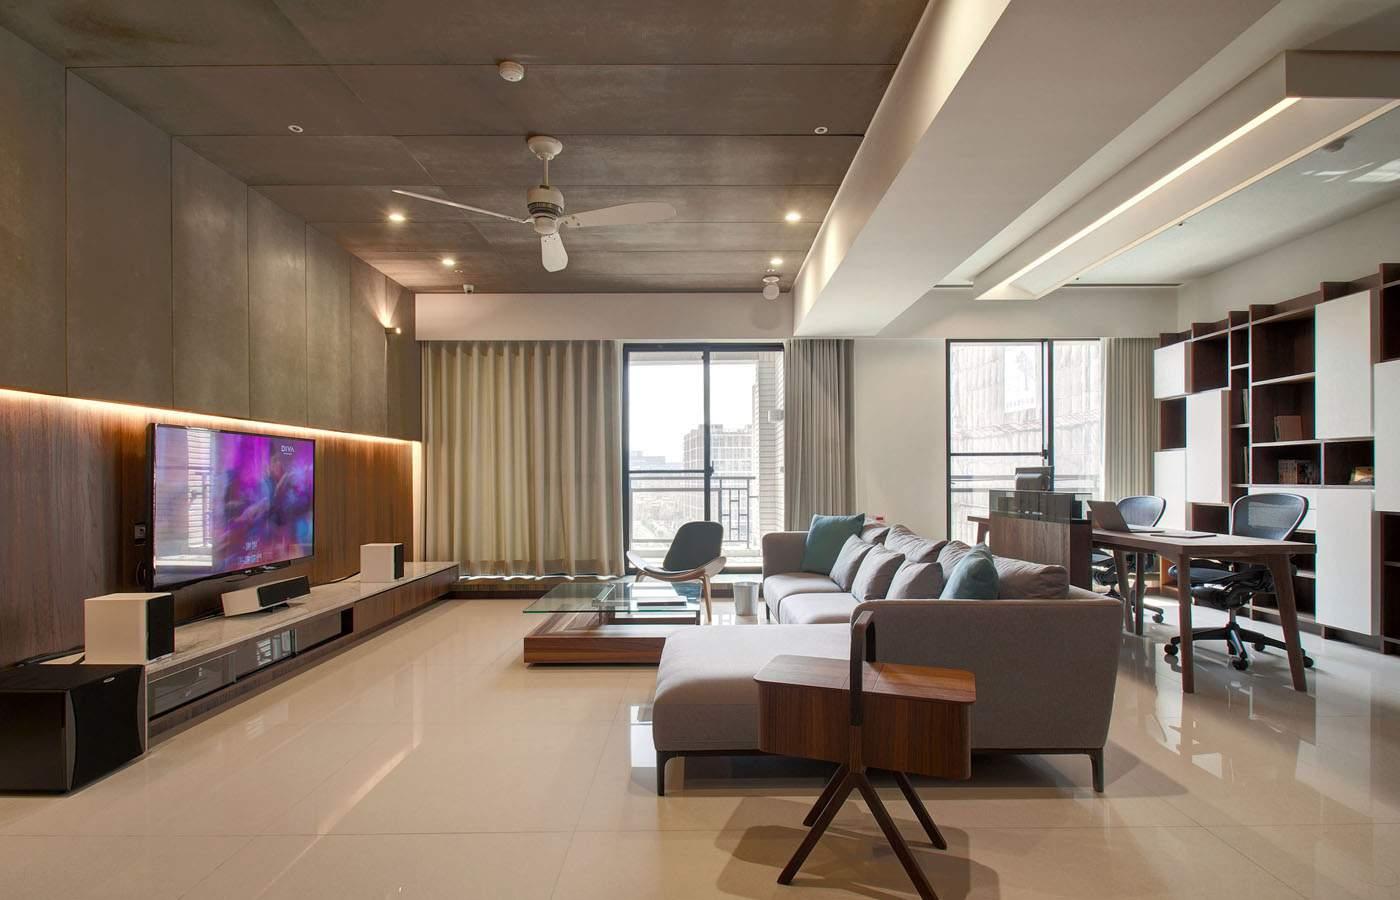 thiết kế nội thất chung cư 45m2 phòng khách